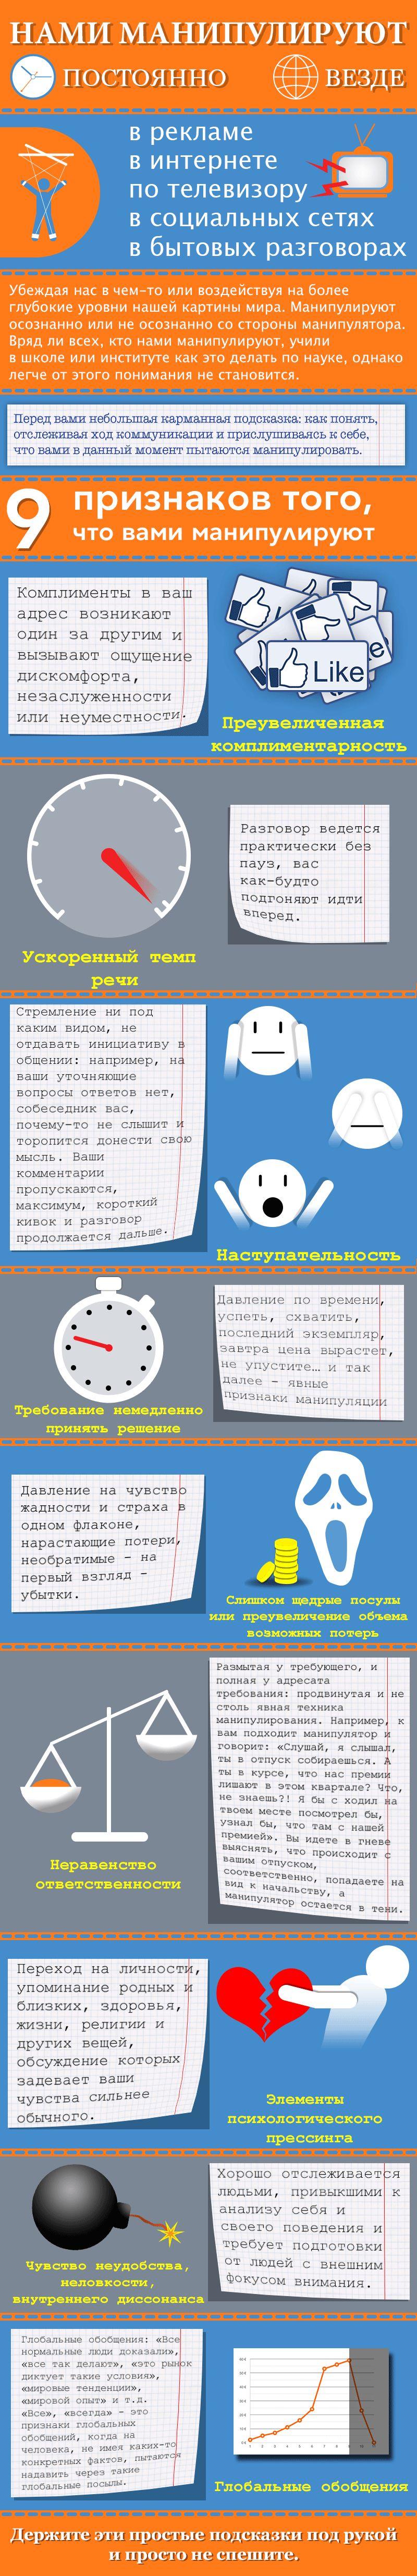 Инфографика по манипуляциям в переговорах  - дизайнер pavmur